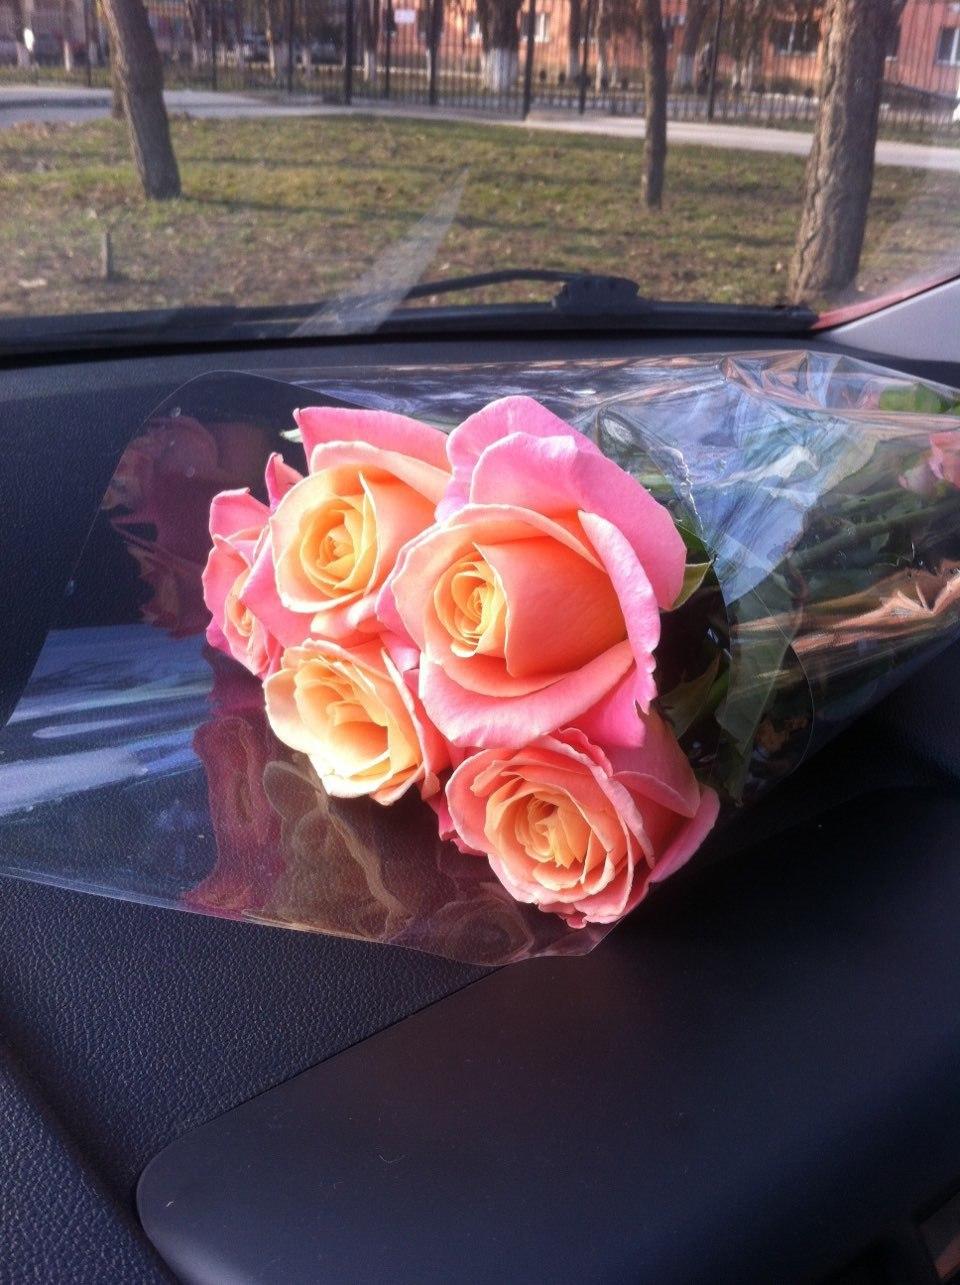 думала, она фото роз в машине на стекле аудиторских